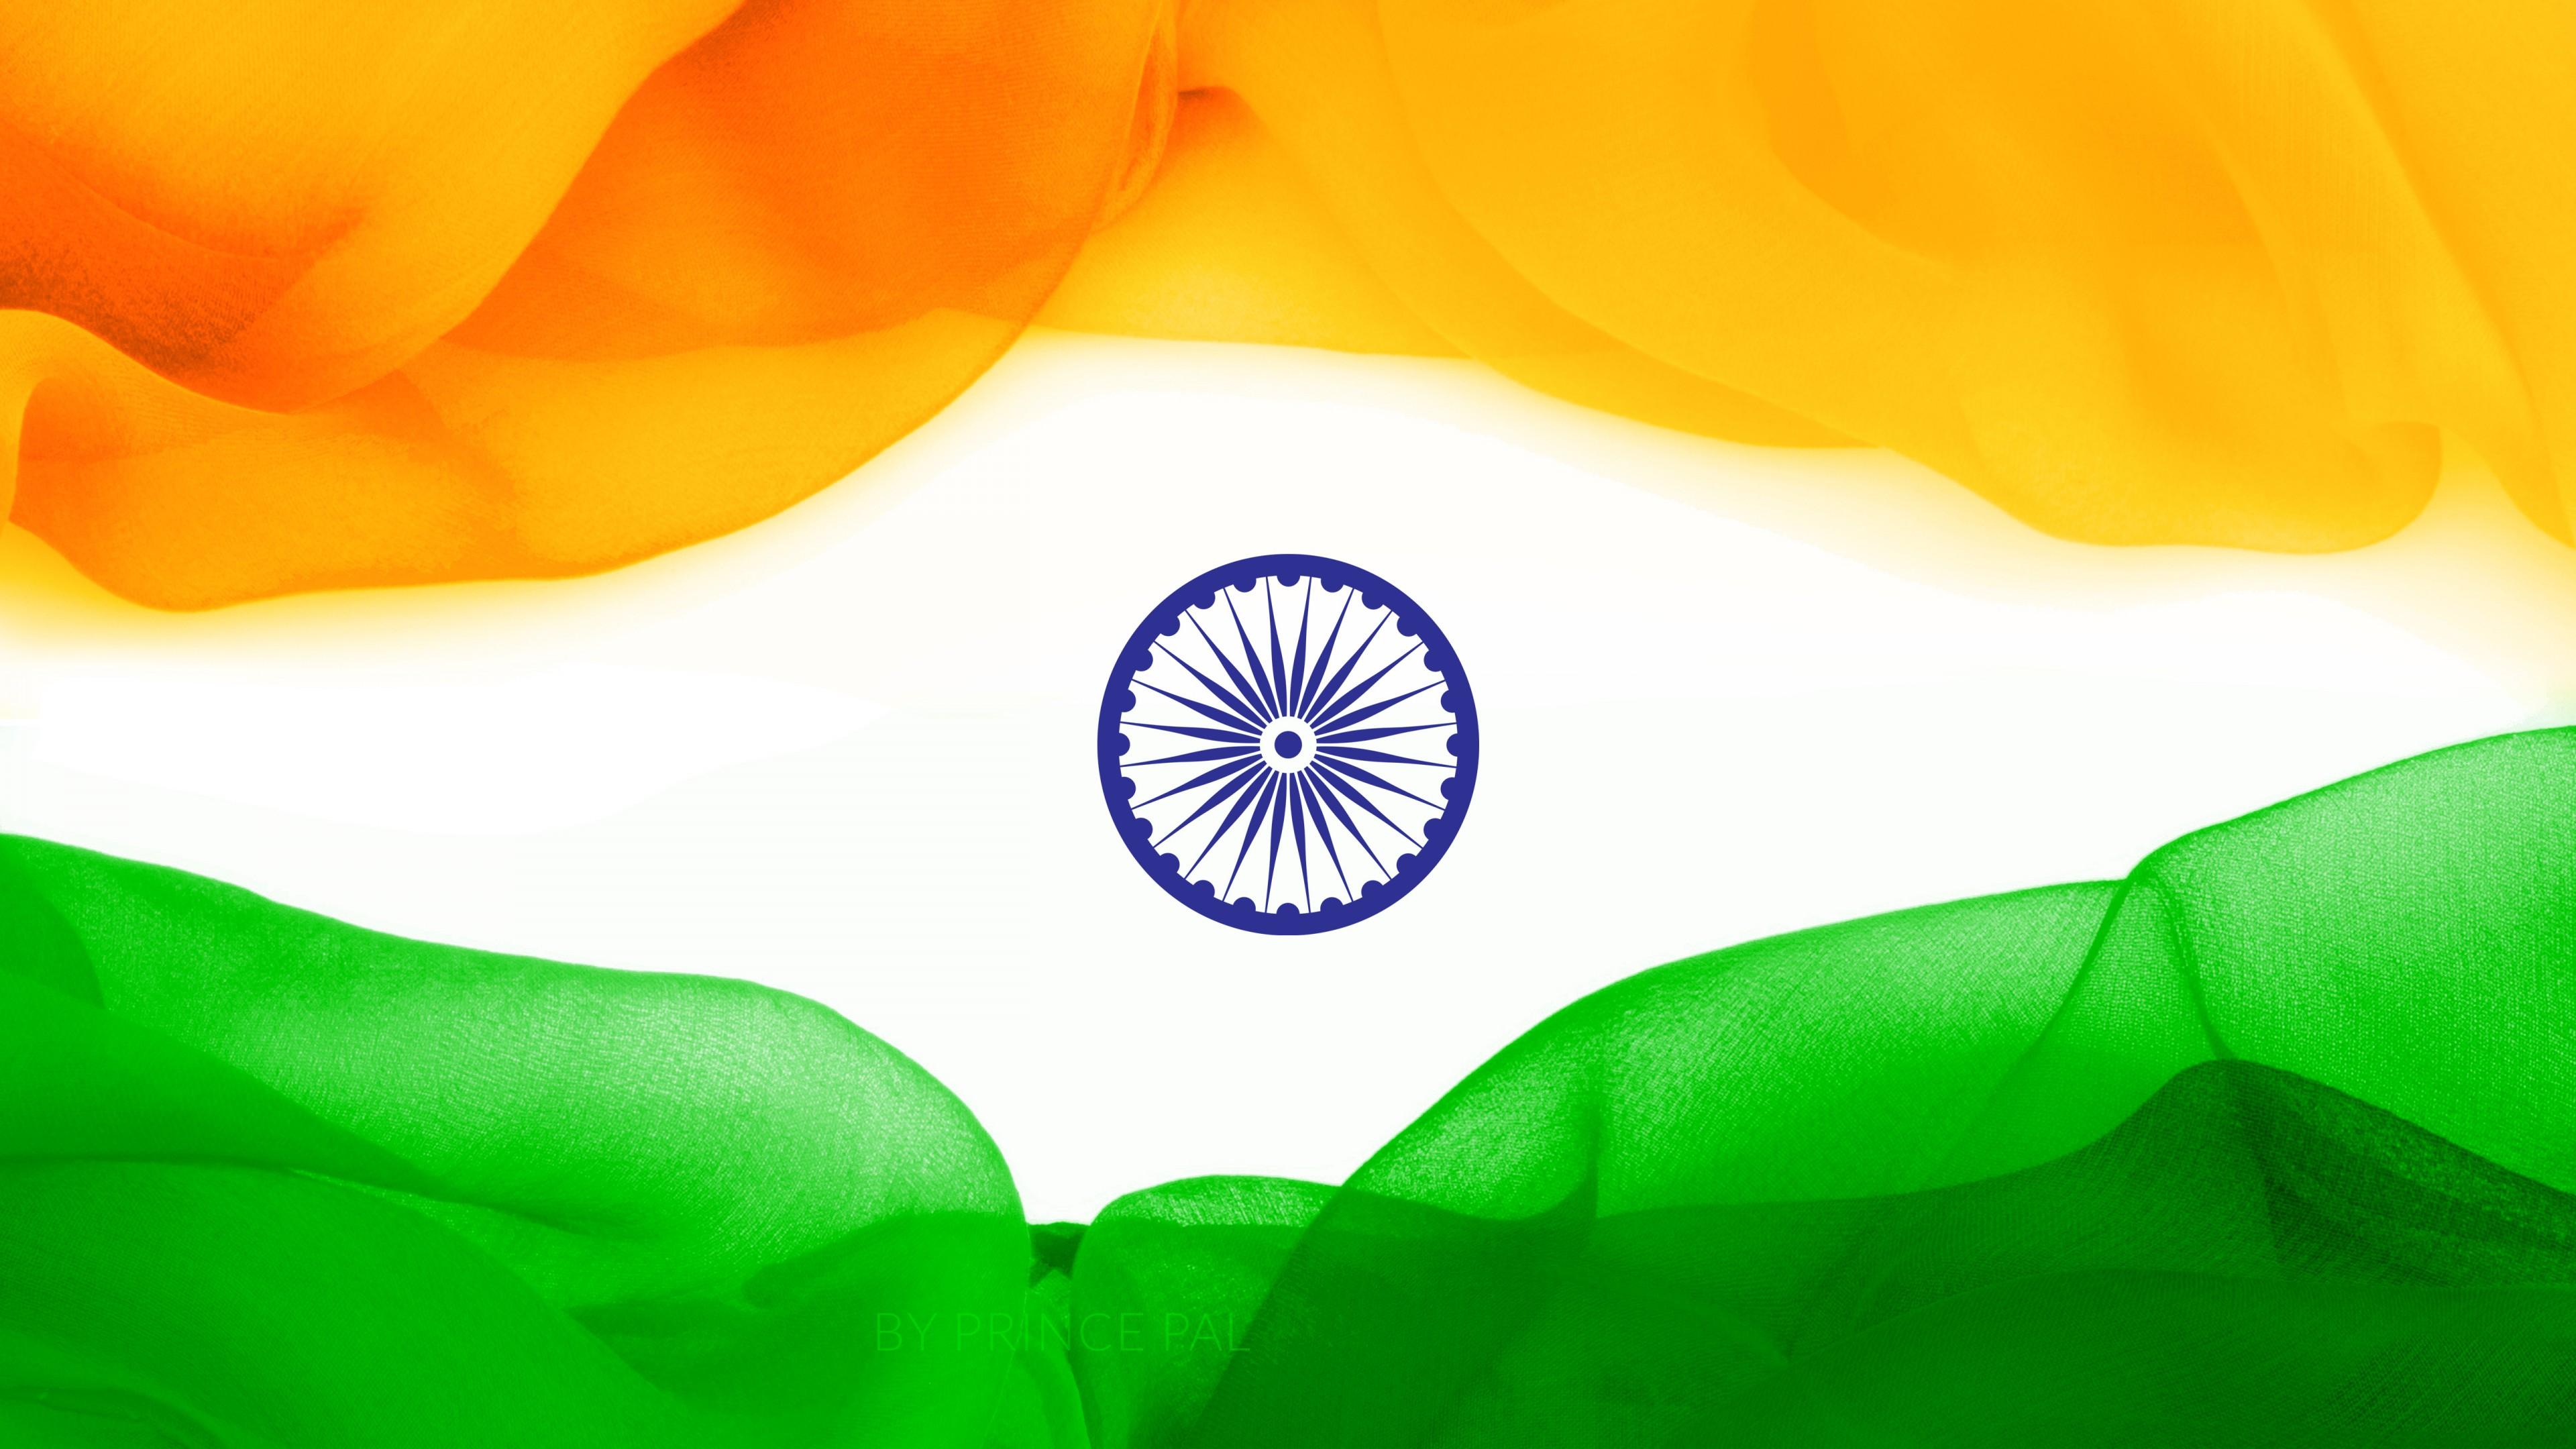 Трехцветный флаг Индии с темно-синим колесом